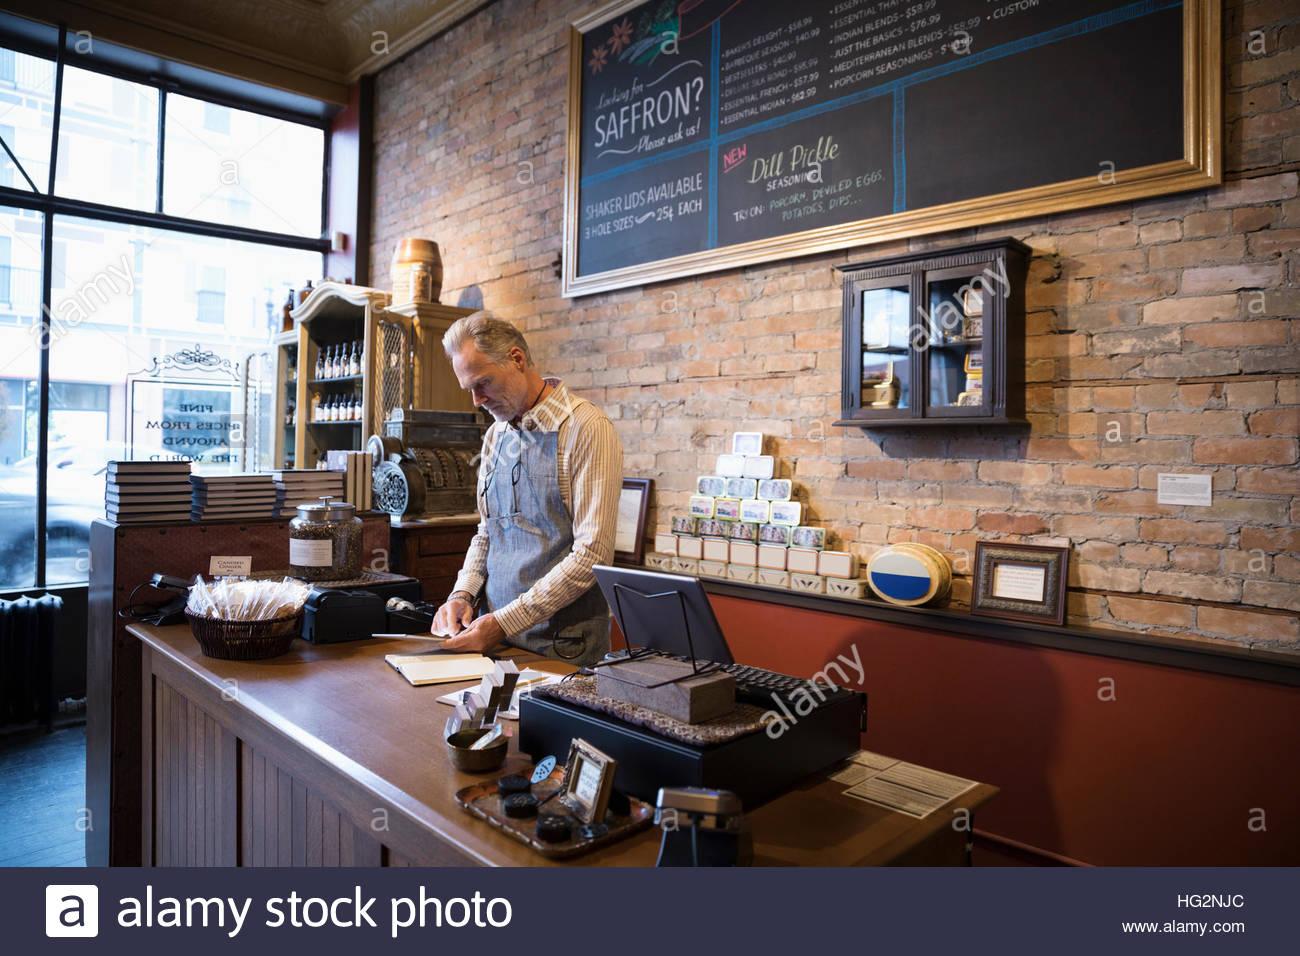 Propriétaire d'une boutique d'épices mâles using digital tablet working at counter Photo Stock